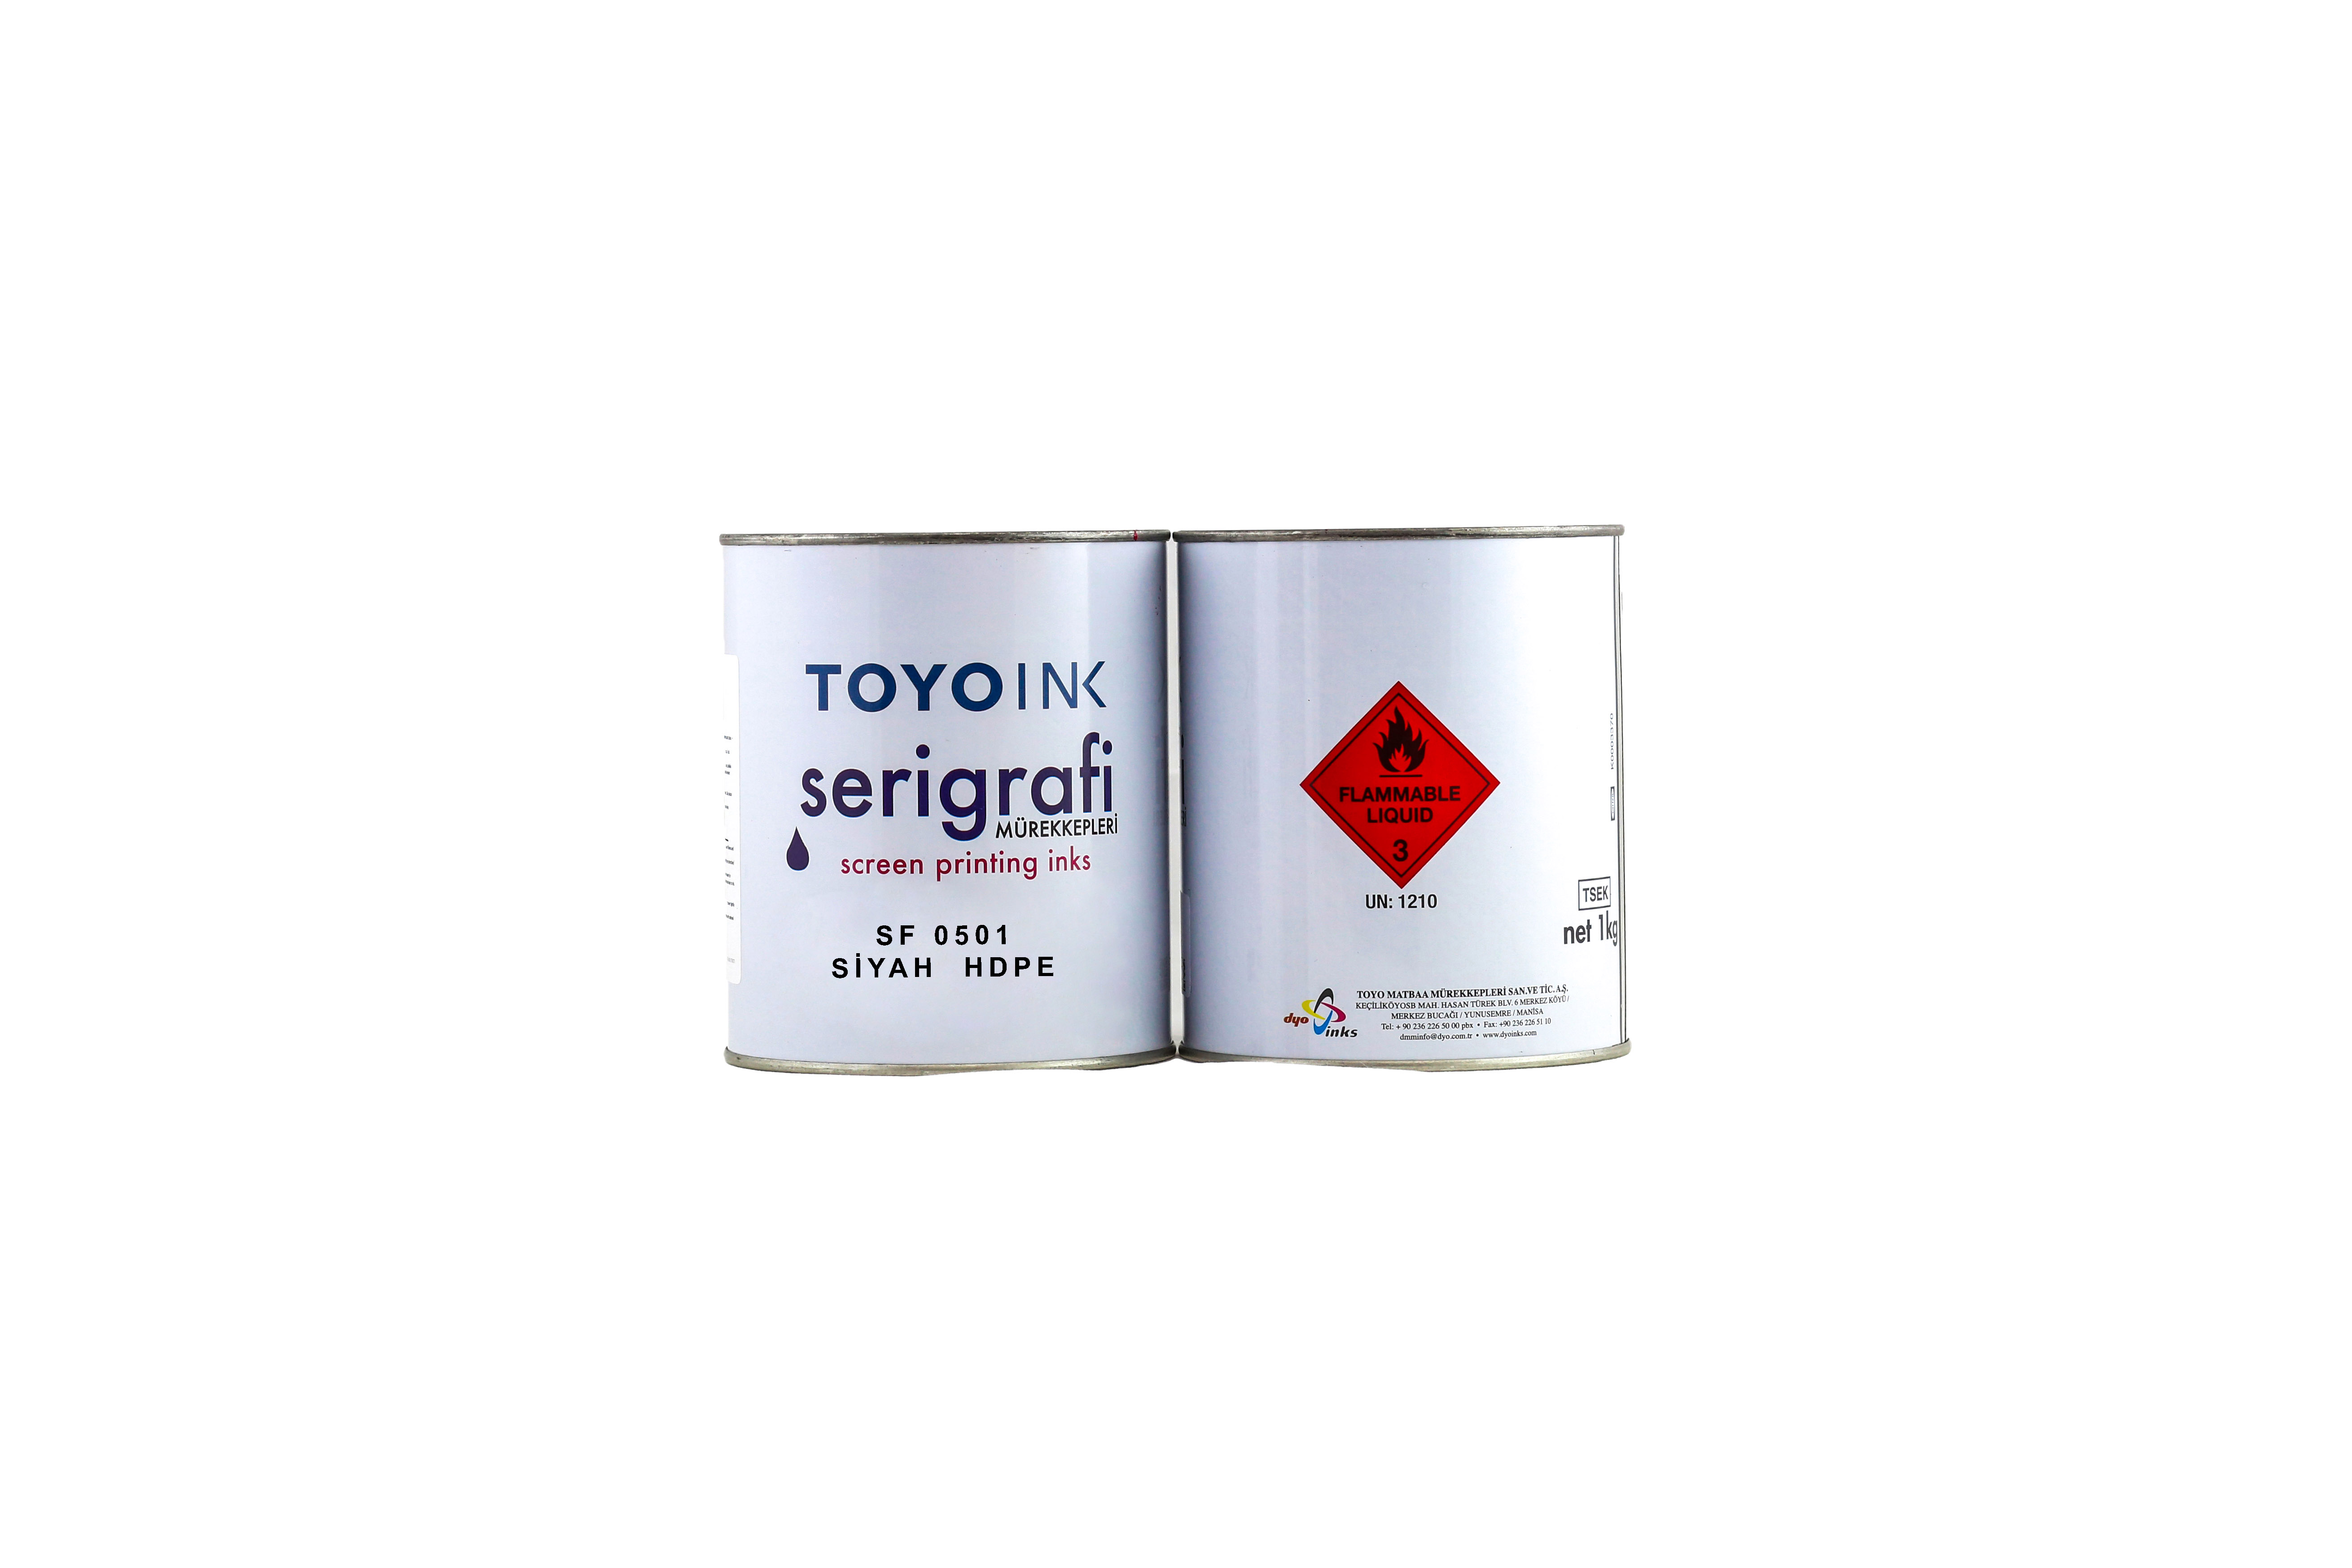 Toyo Ink - SF 0501 Siyah HDPE 1